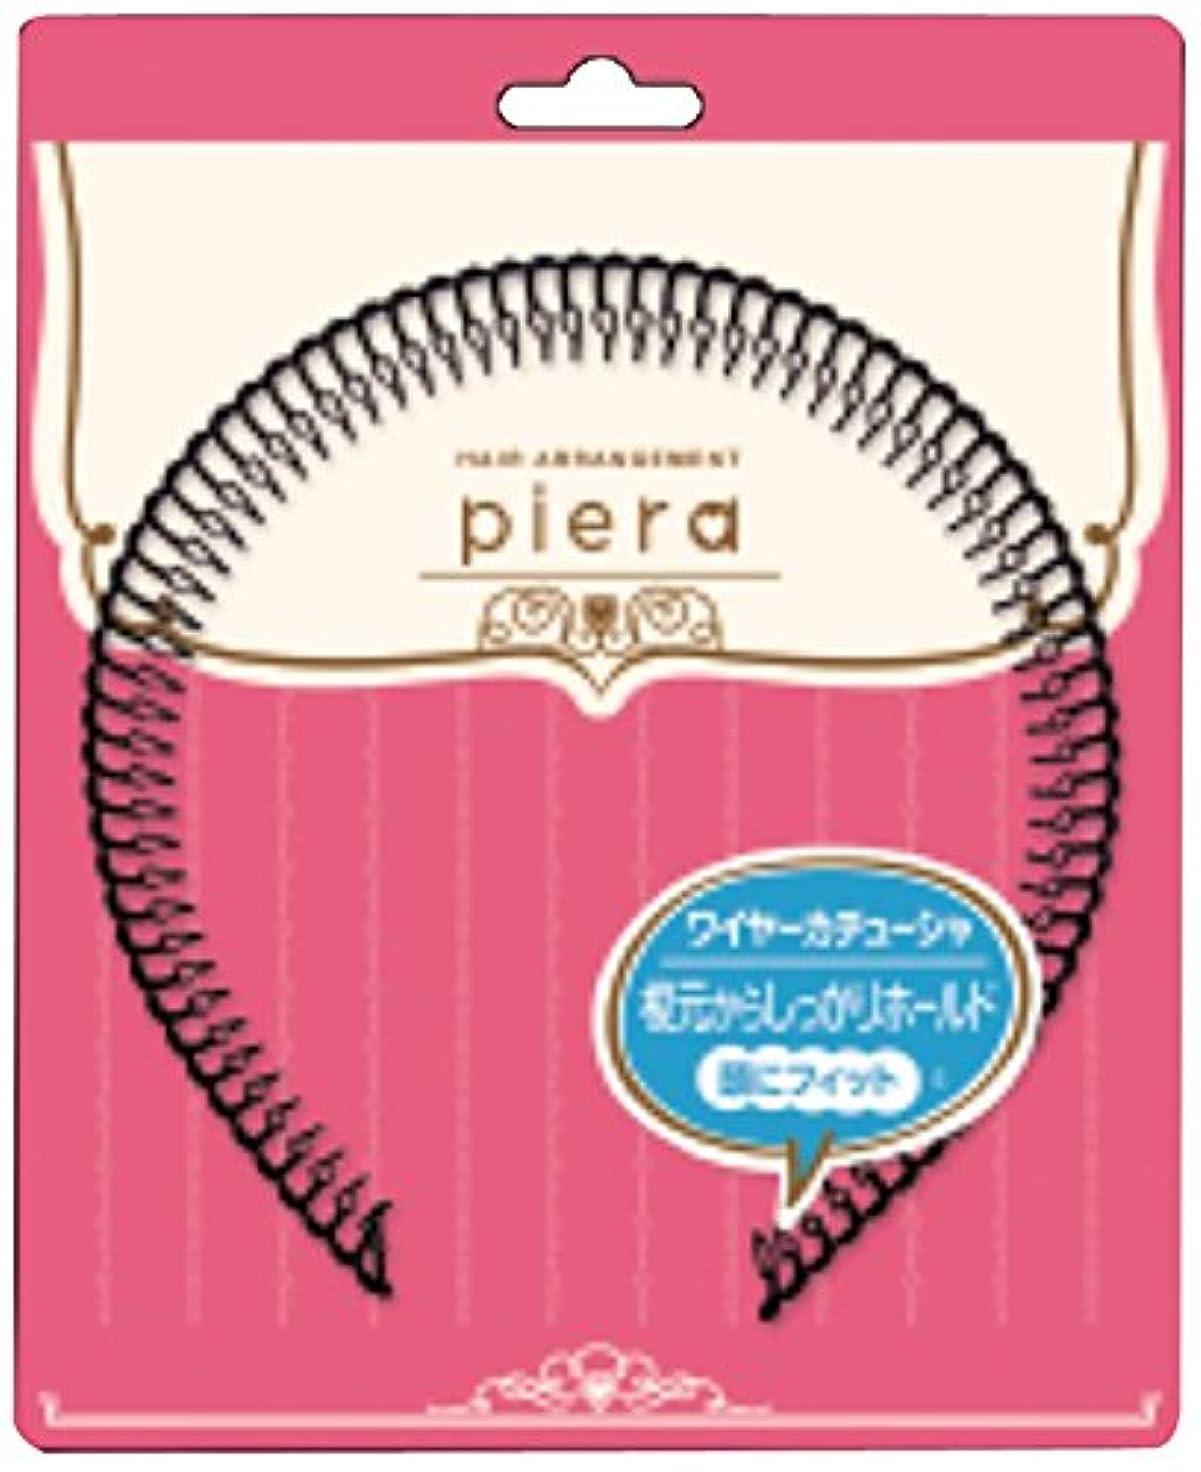 くつろぐ迷惑人工piera(ピエラ) ワイヤーカチューシャ (PIE305E)